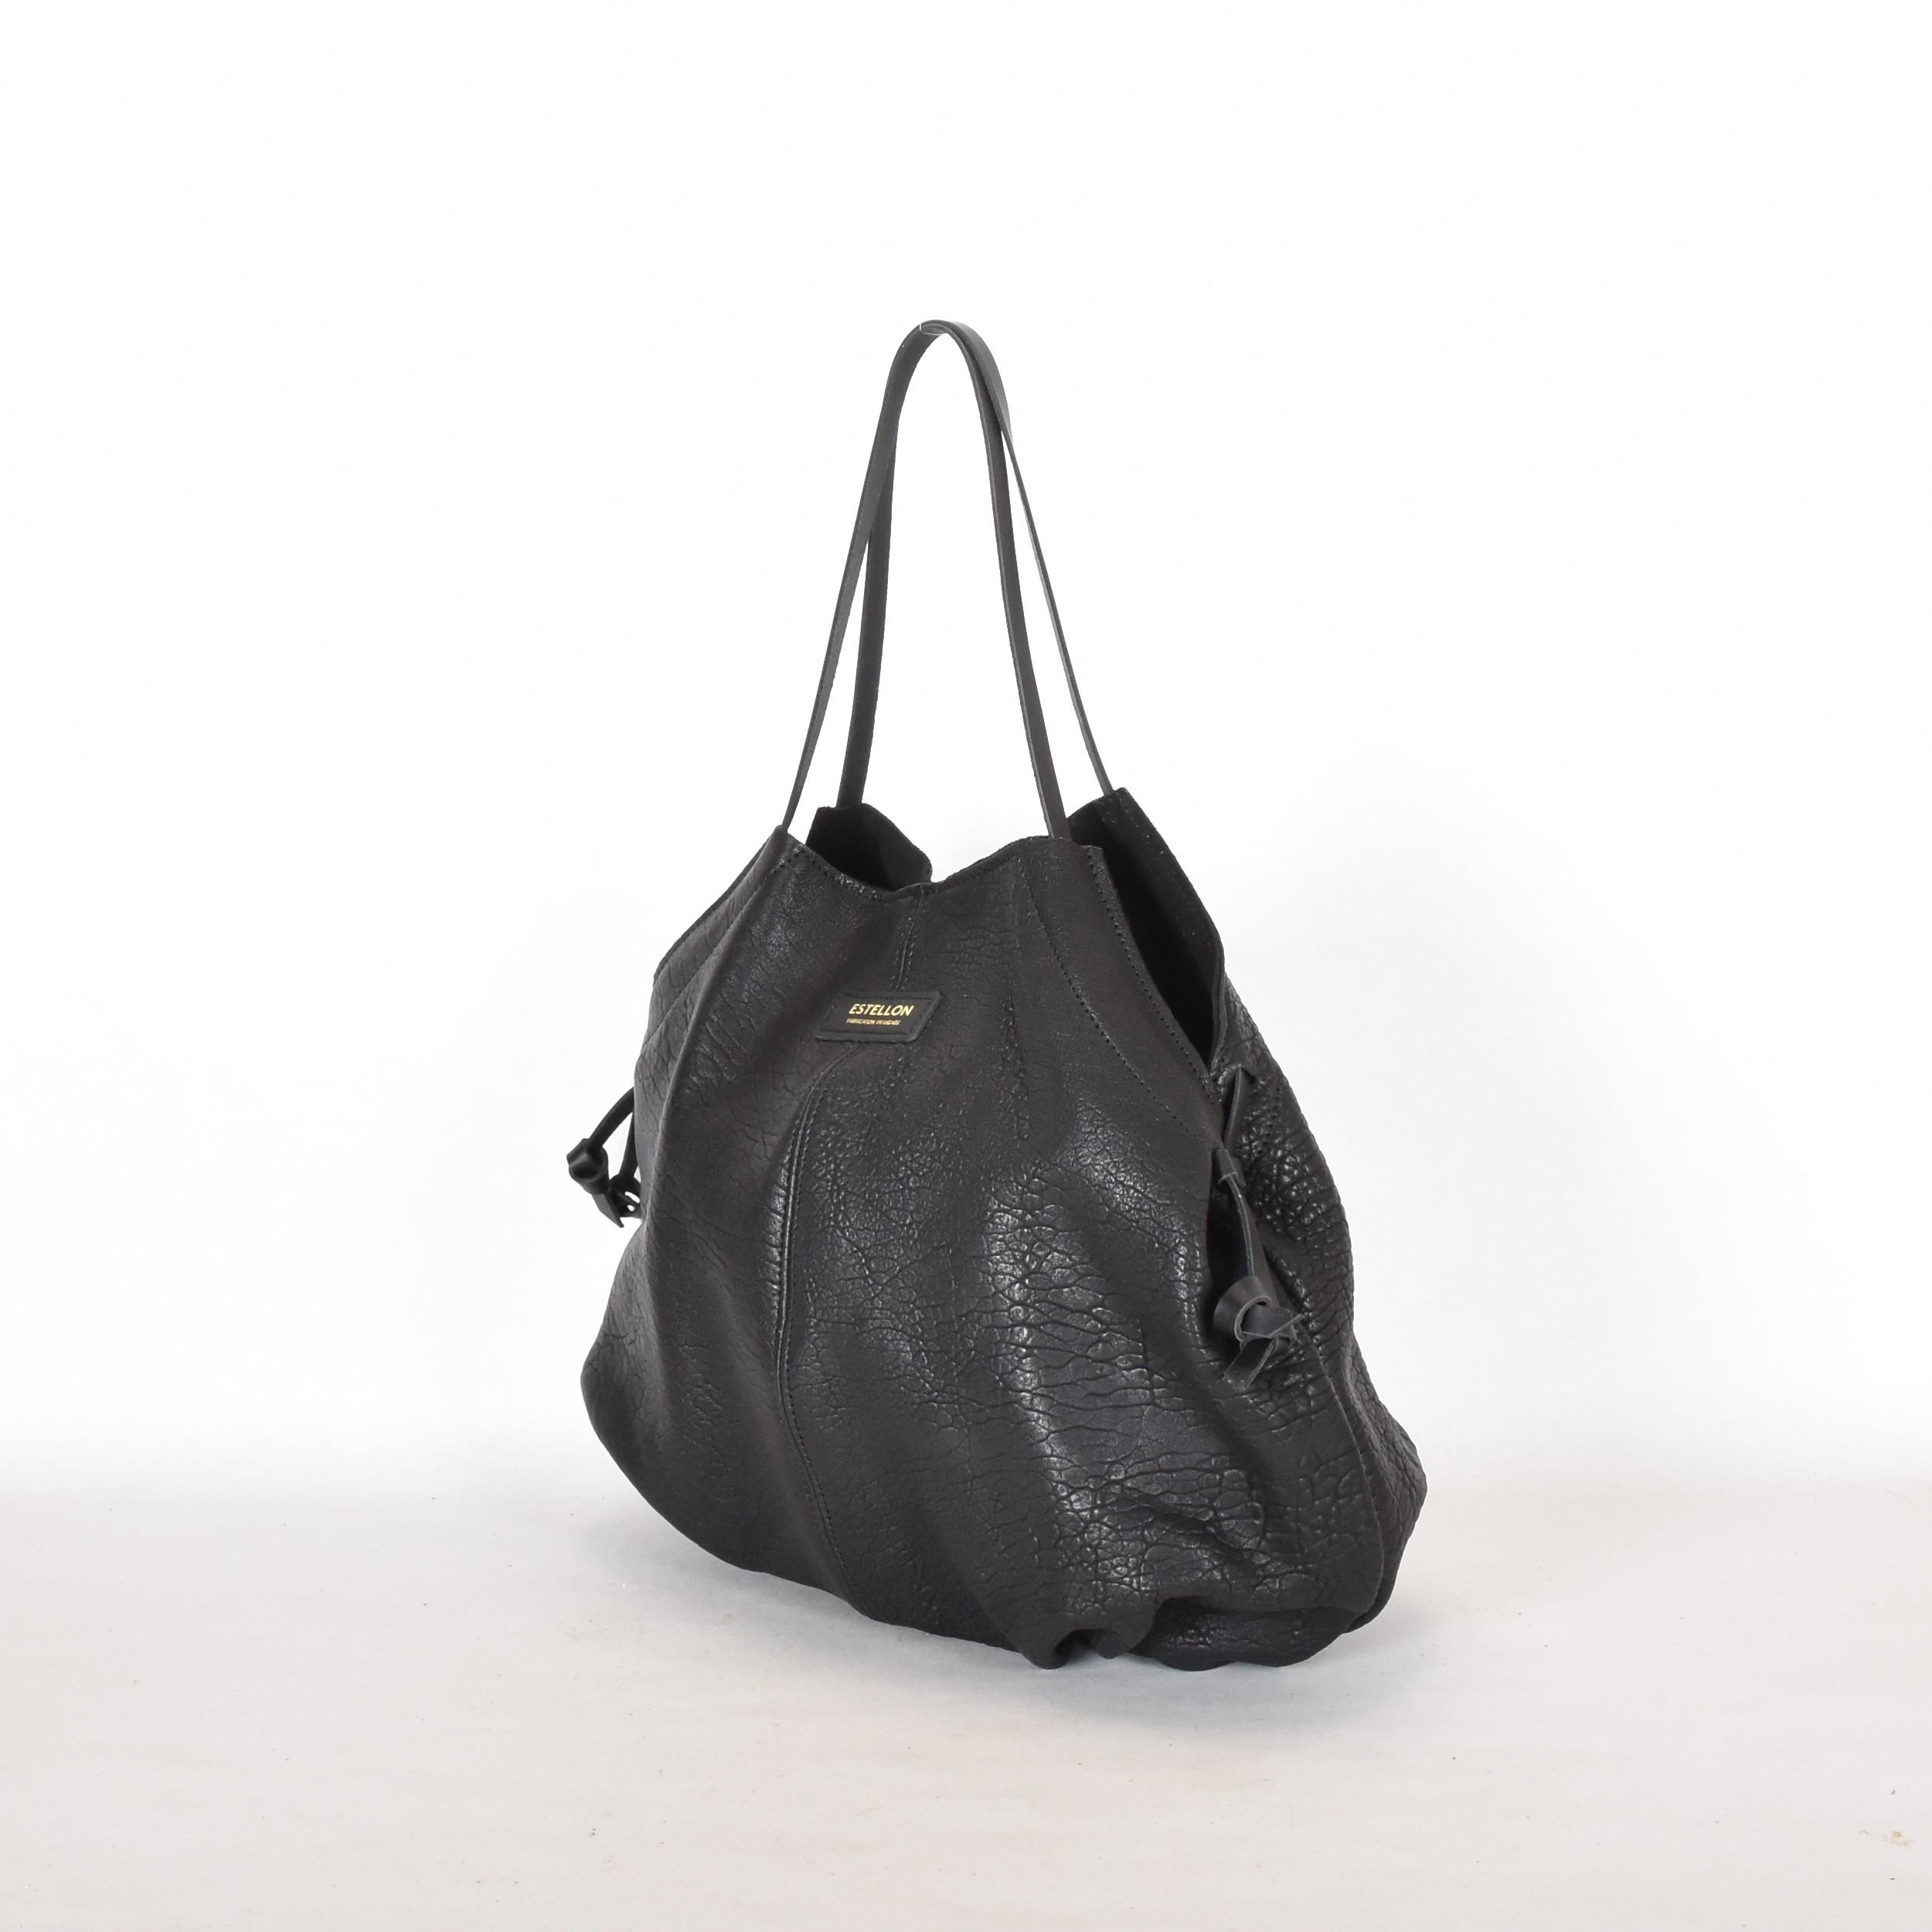 BUBBLE Loulou noir 2